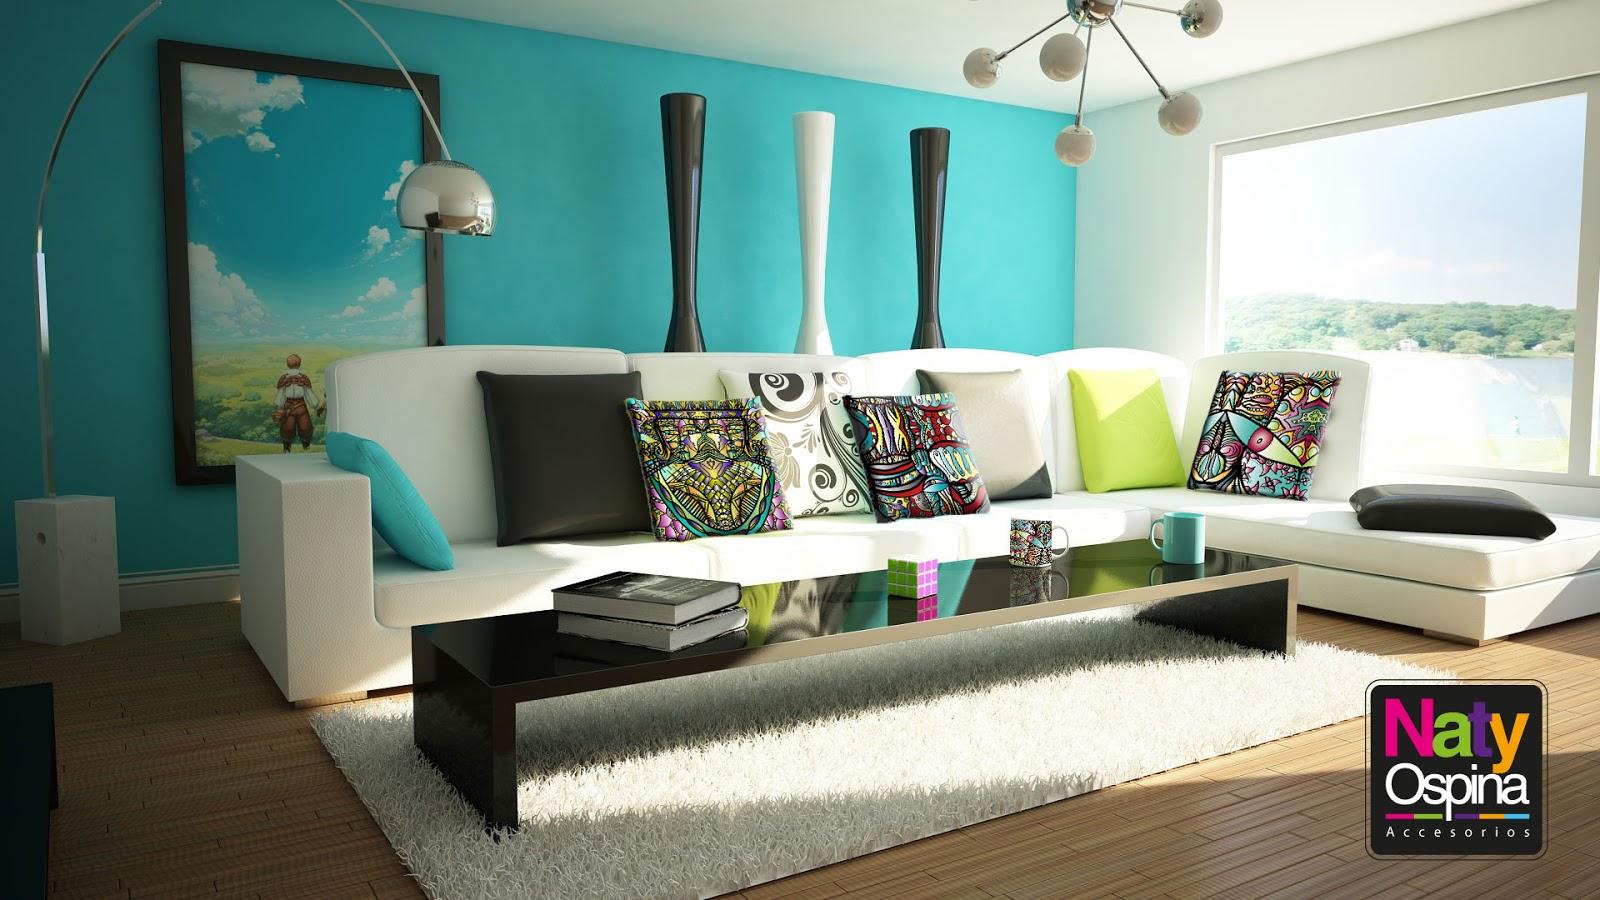 Naty ospina productos decoraci n de interiores for Articulos para decoracion de interiores